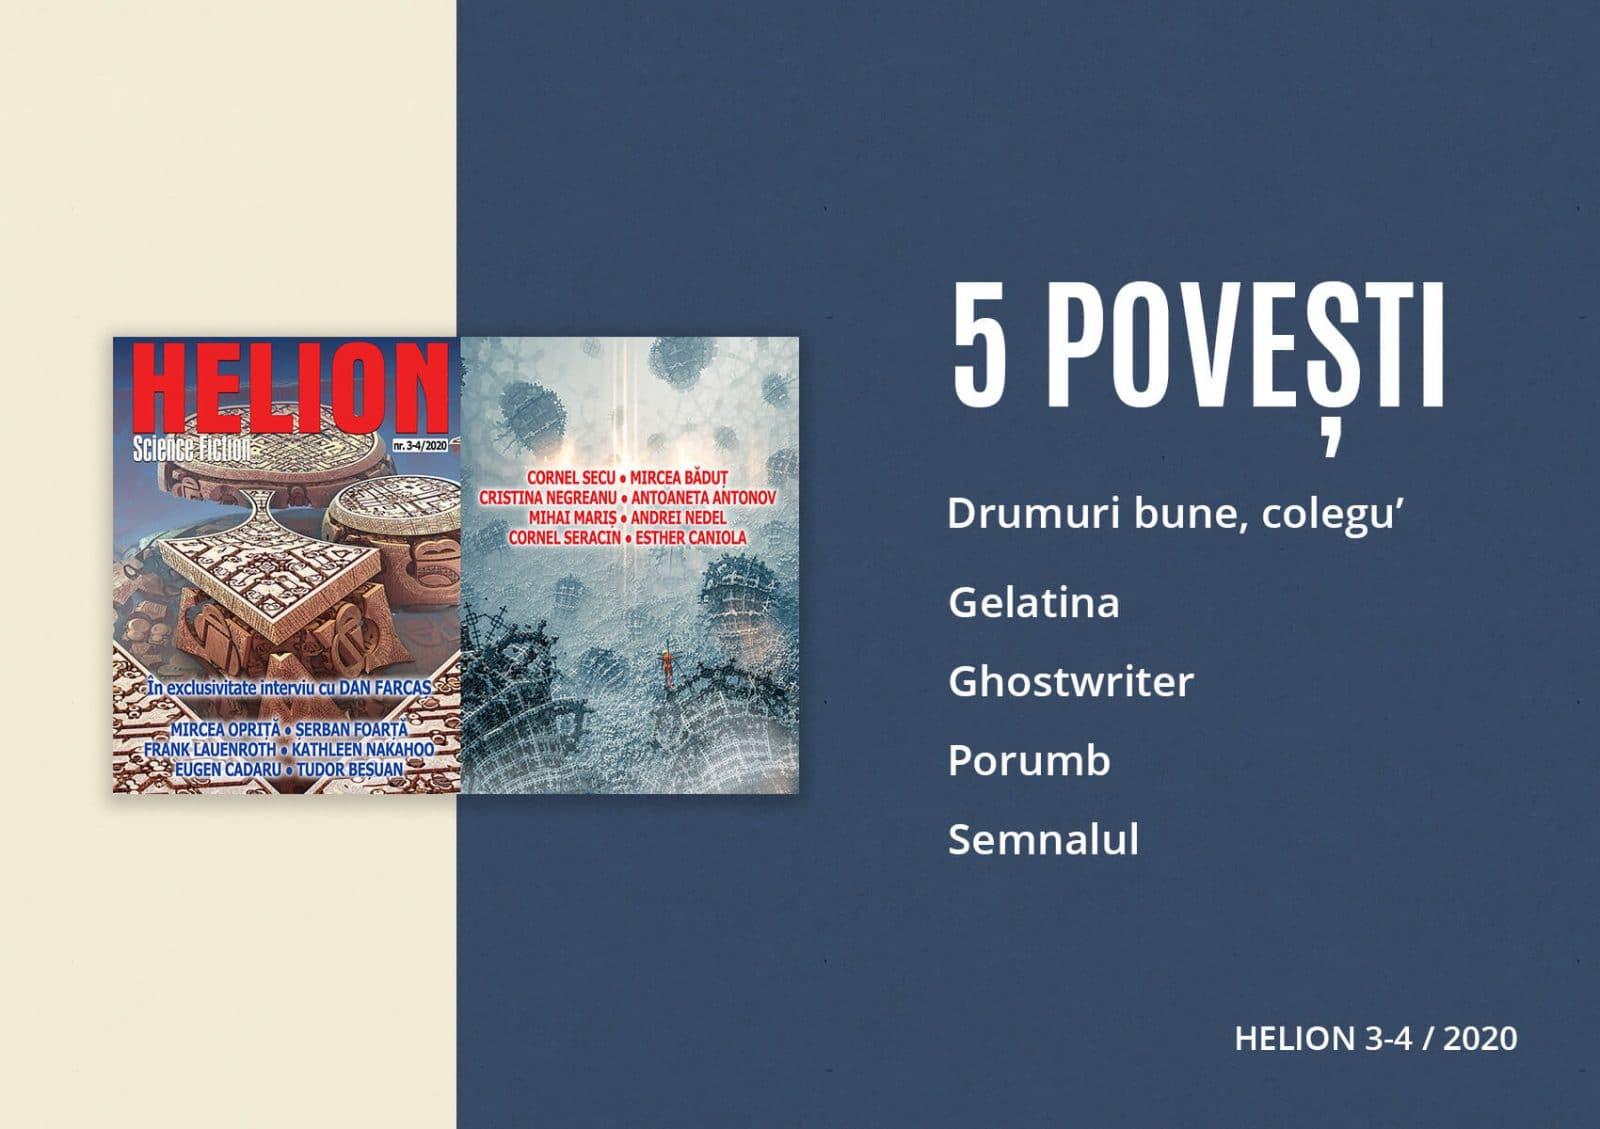 5-povestii-helion